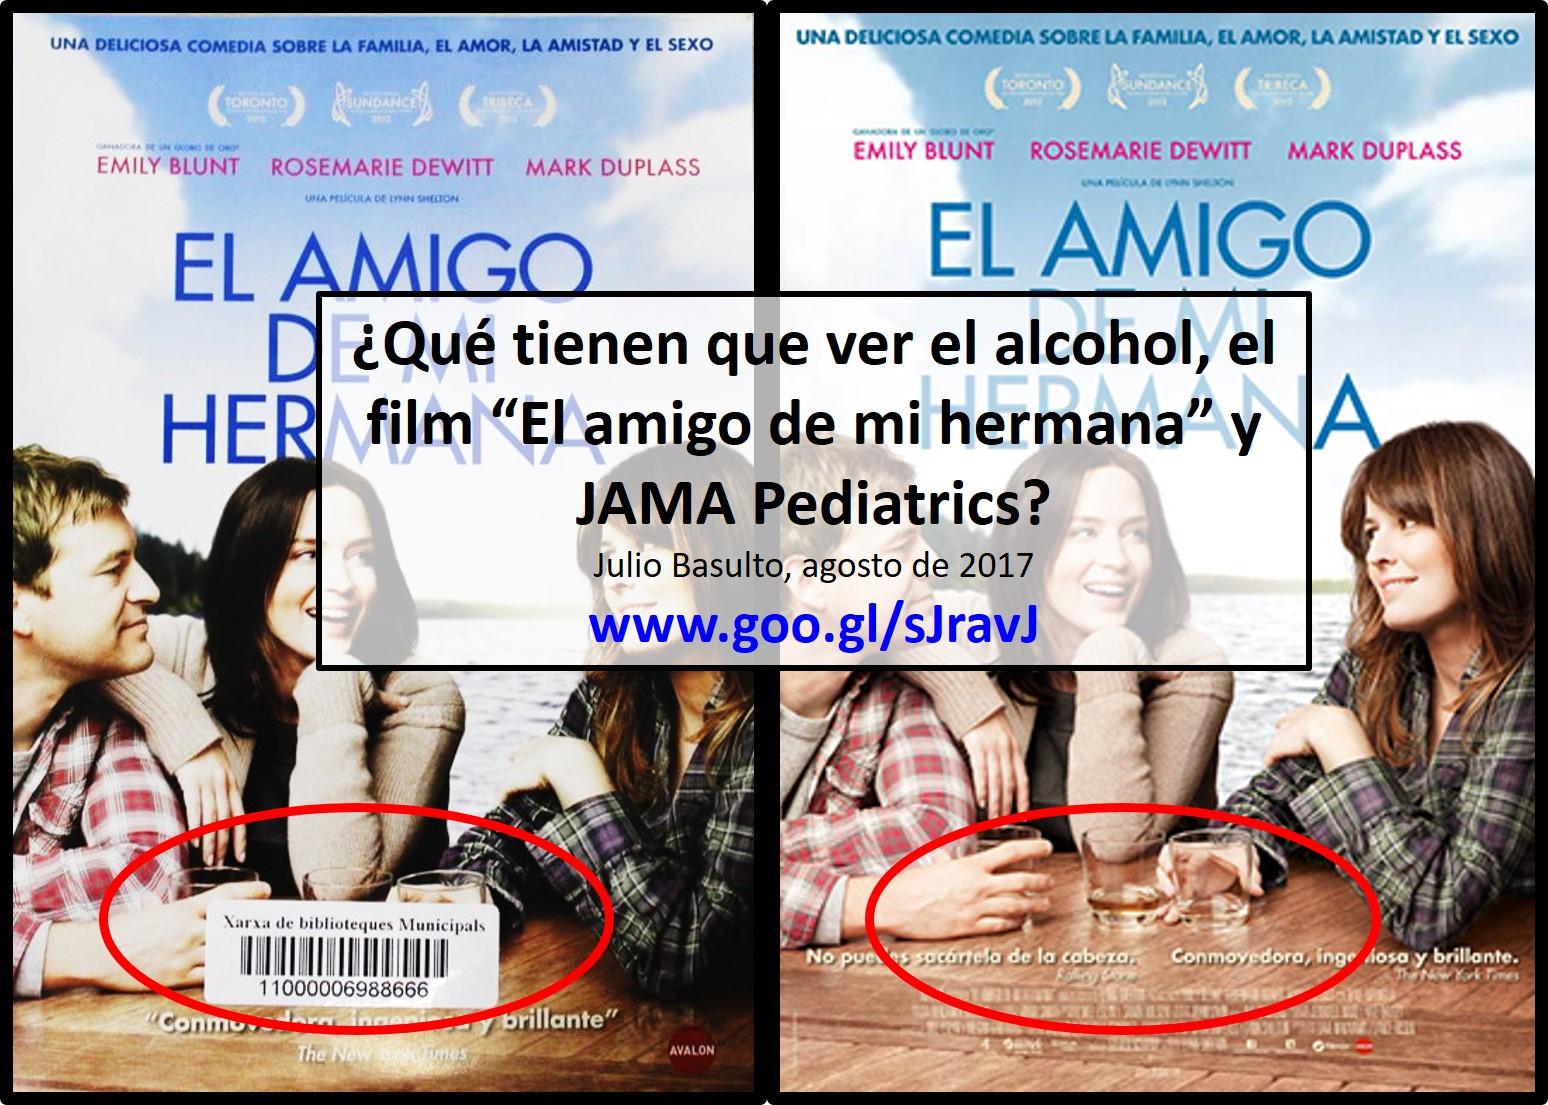 """¿Qué tienen que ver el alcohol, el film """"El amigo de mi hermana"""" y JAMA Pediatrics?"""